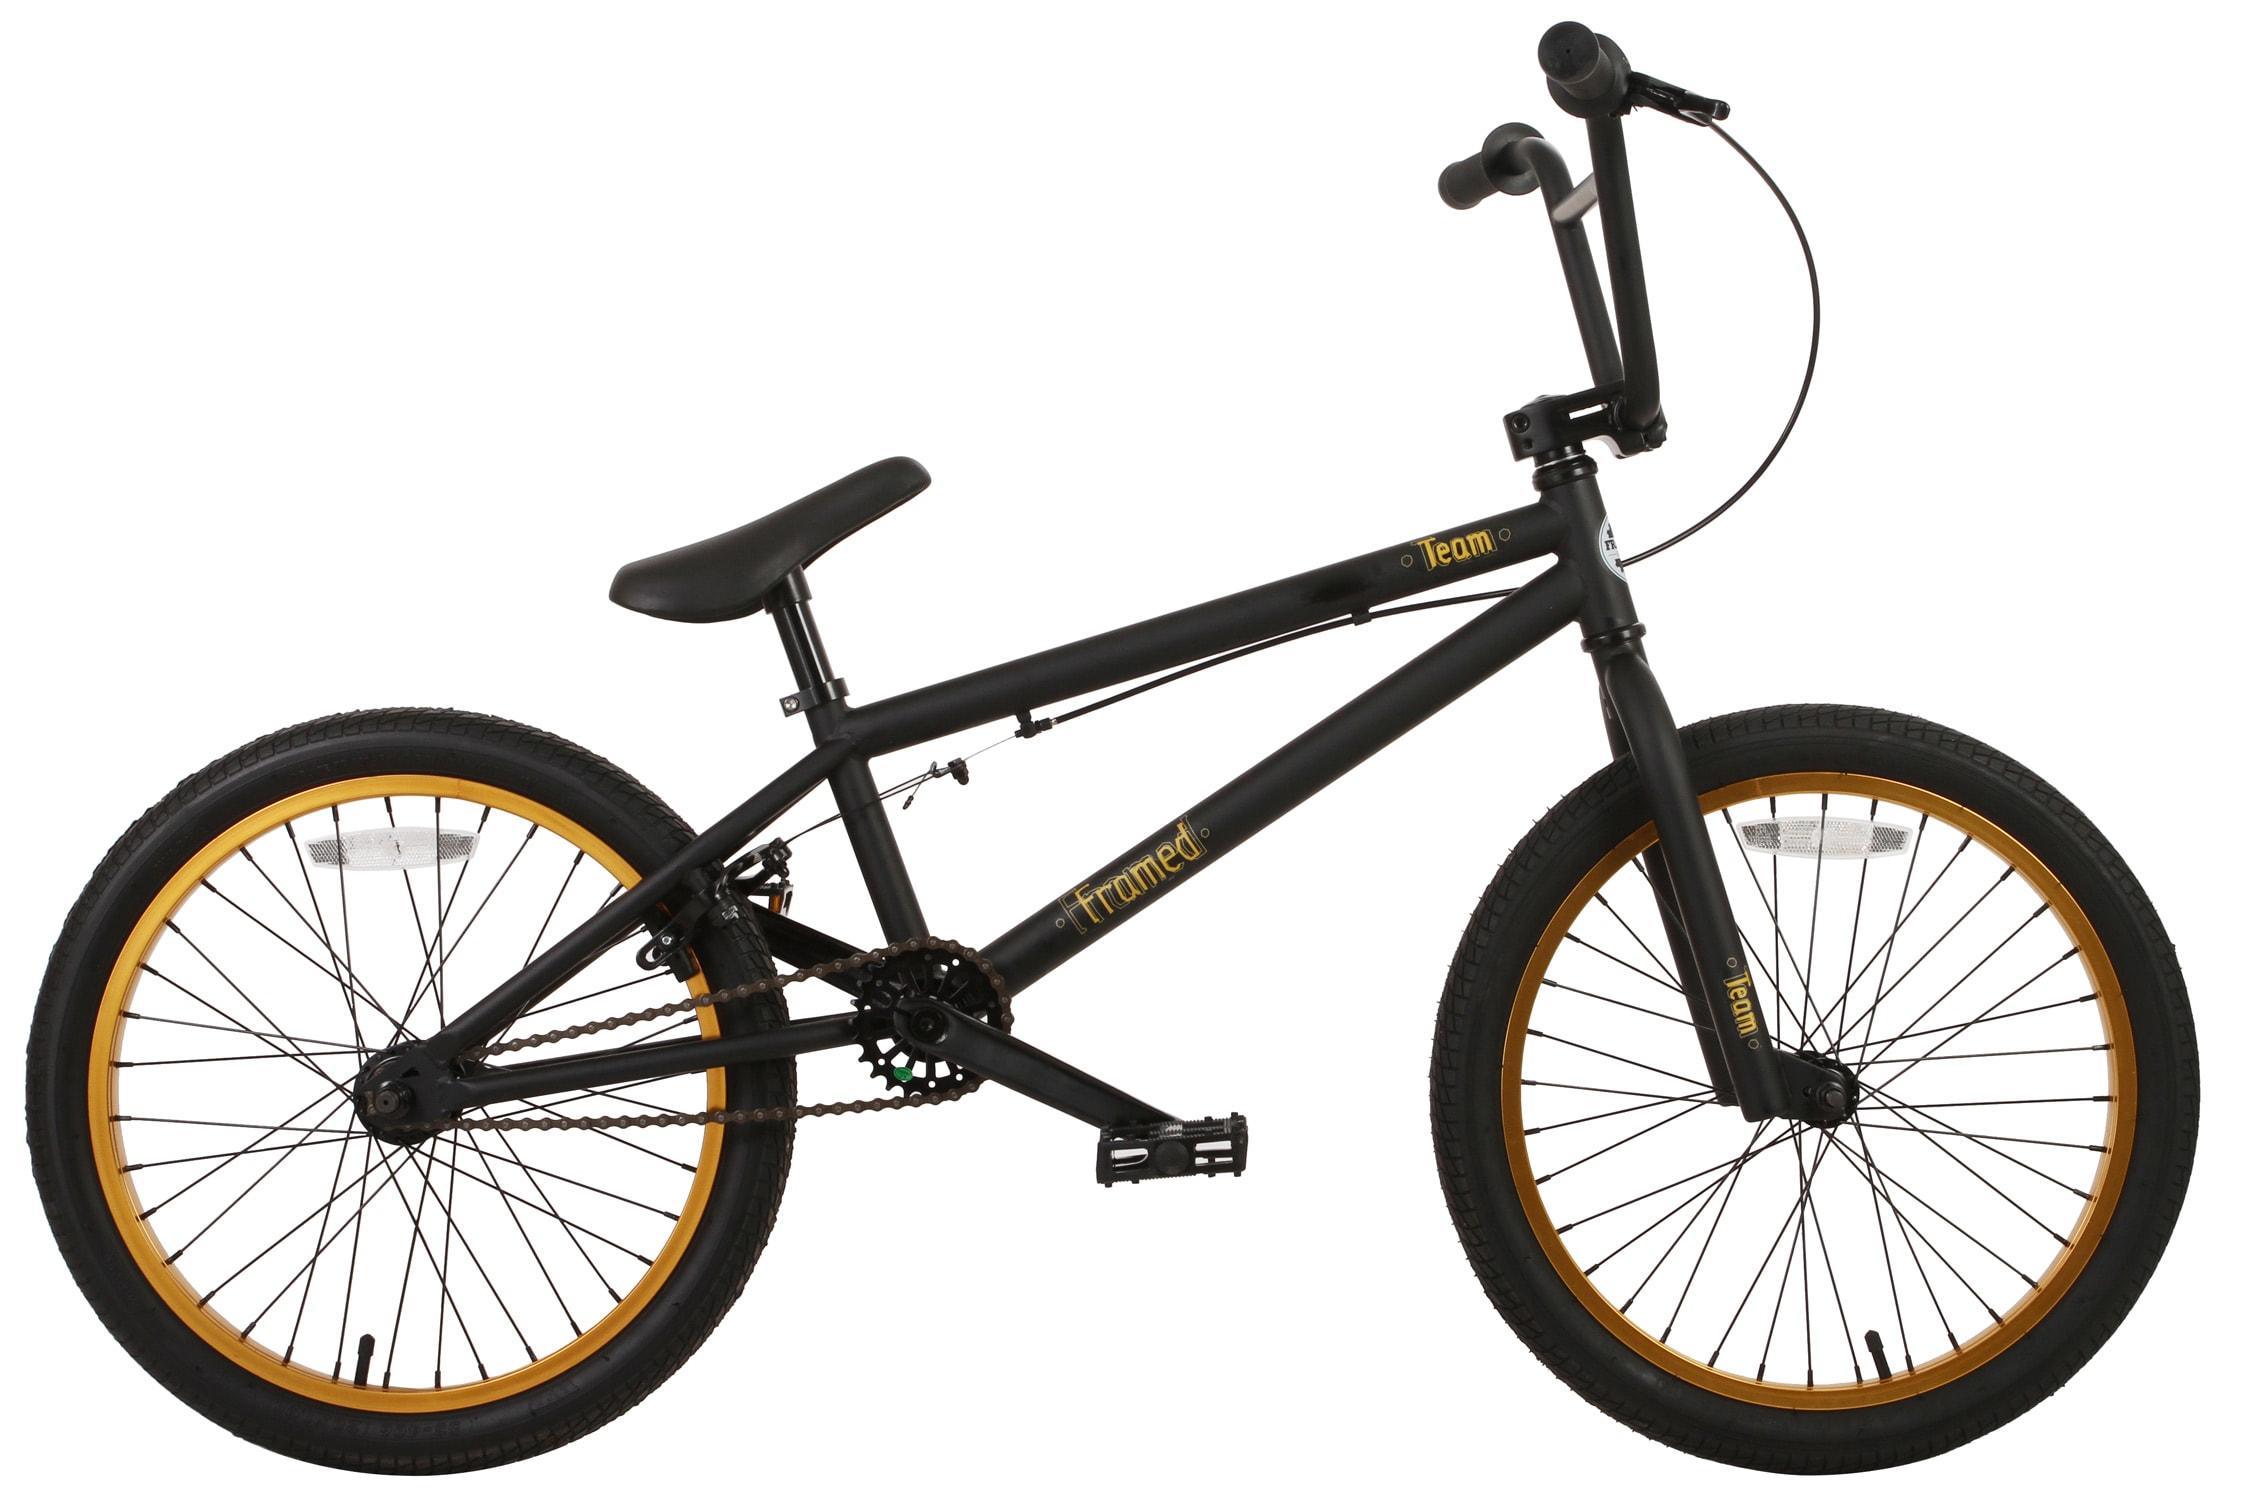 On Sale Framed Team BMX Bike Up To 40% Off